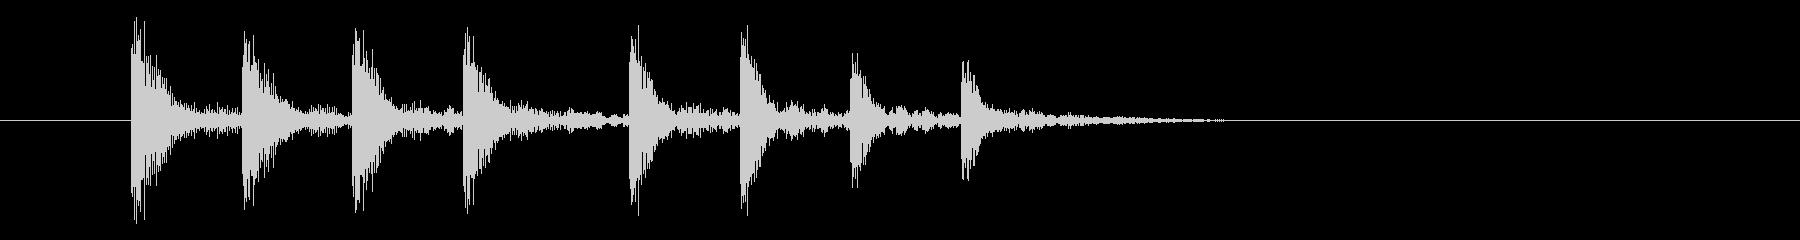 漫画木琴グリスアップの未再生の波形